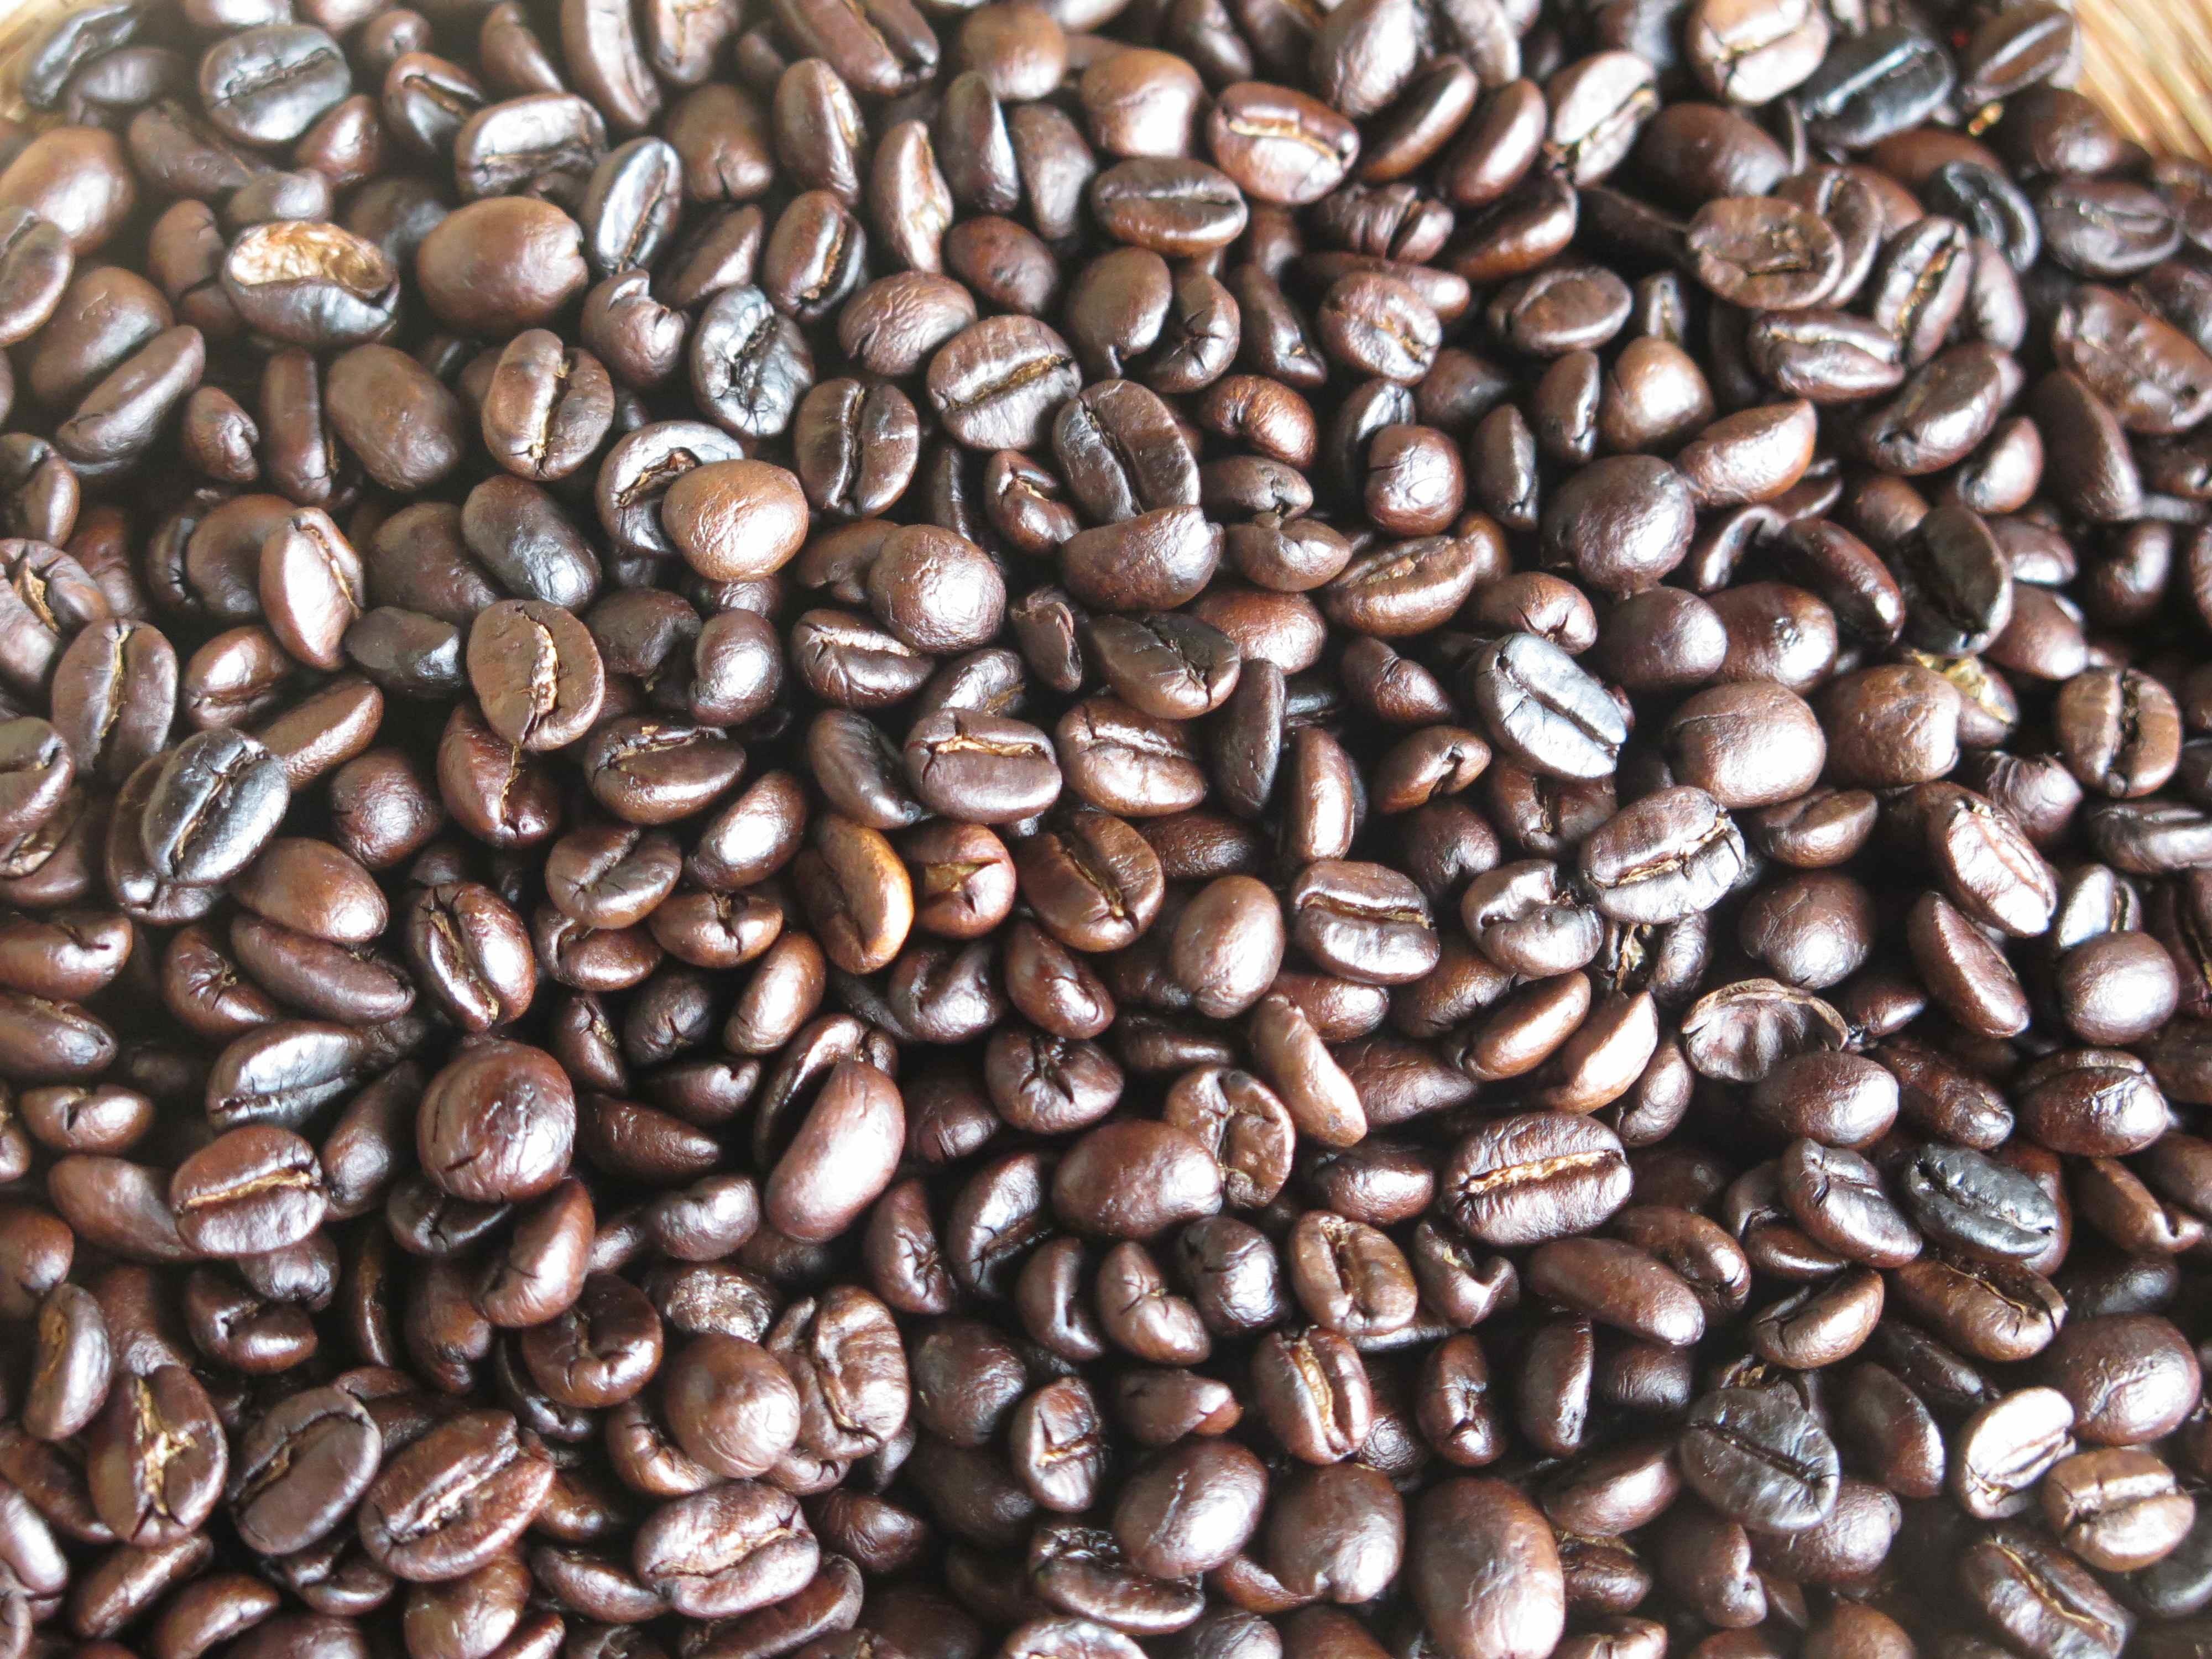 土鍋焙煎デカフェ カフェインレスコーヒー豆  200g - 画像4